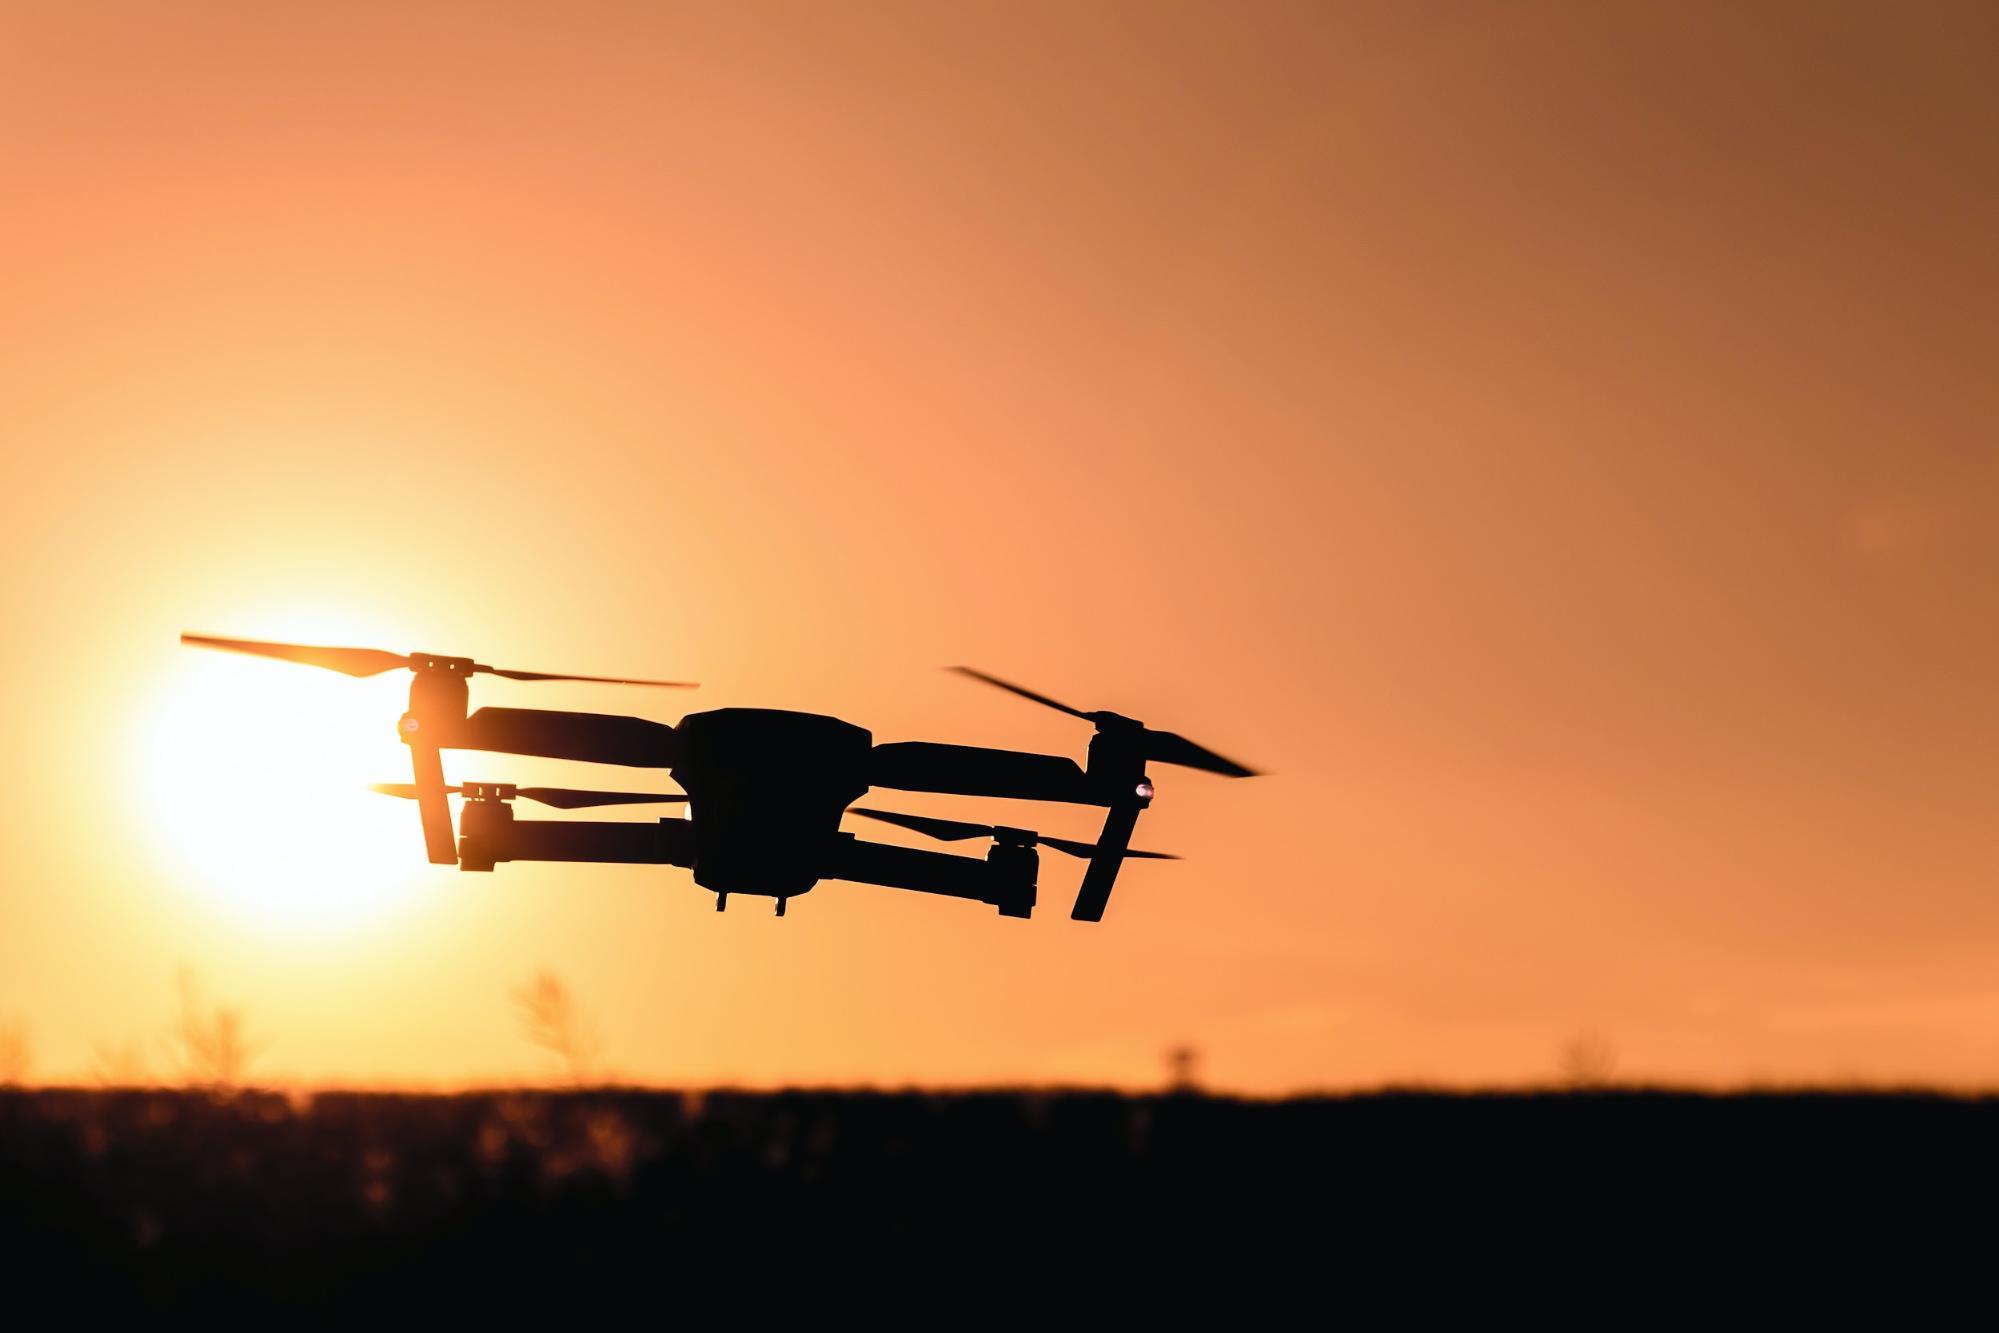 imagem de um drone voando com por-do-sol ao fundo.